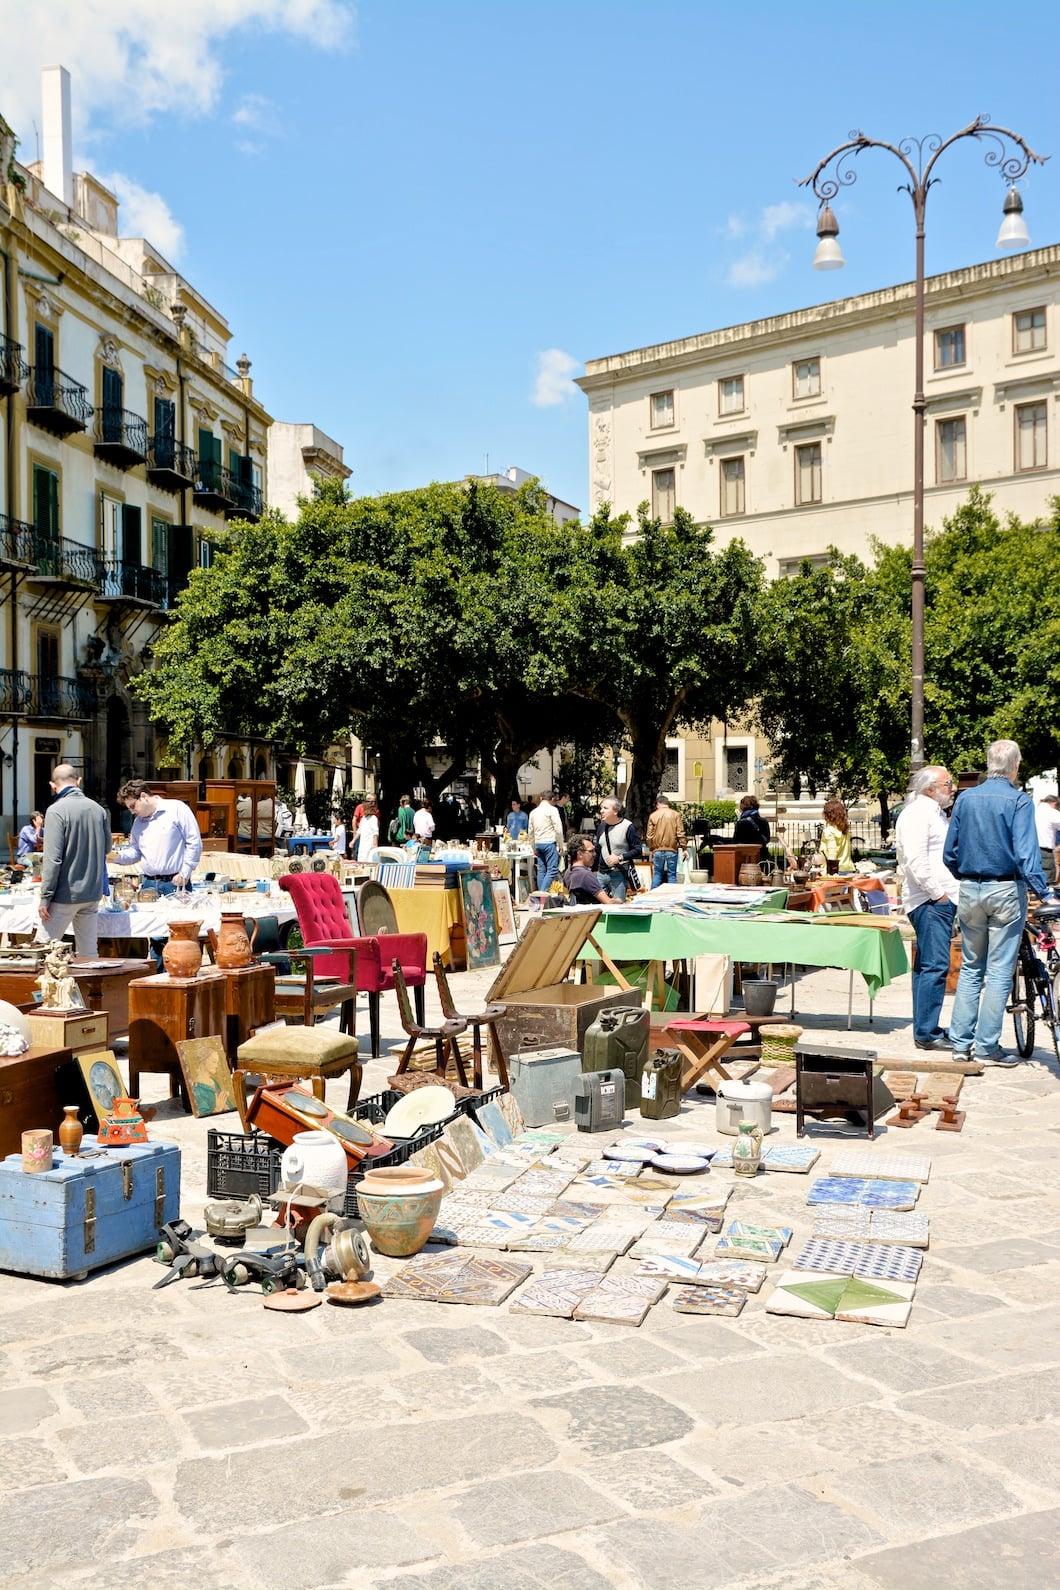 Marché aux puces d'antiquités Piazza Marina à Palerme en Sicile - 22 v'la Scarlett